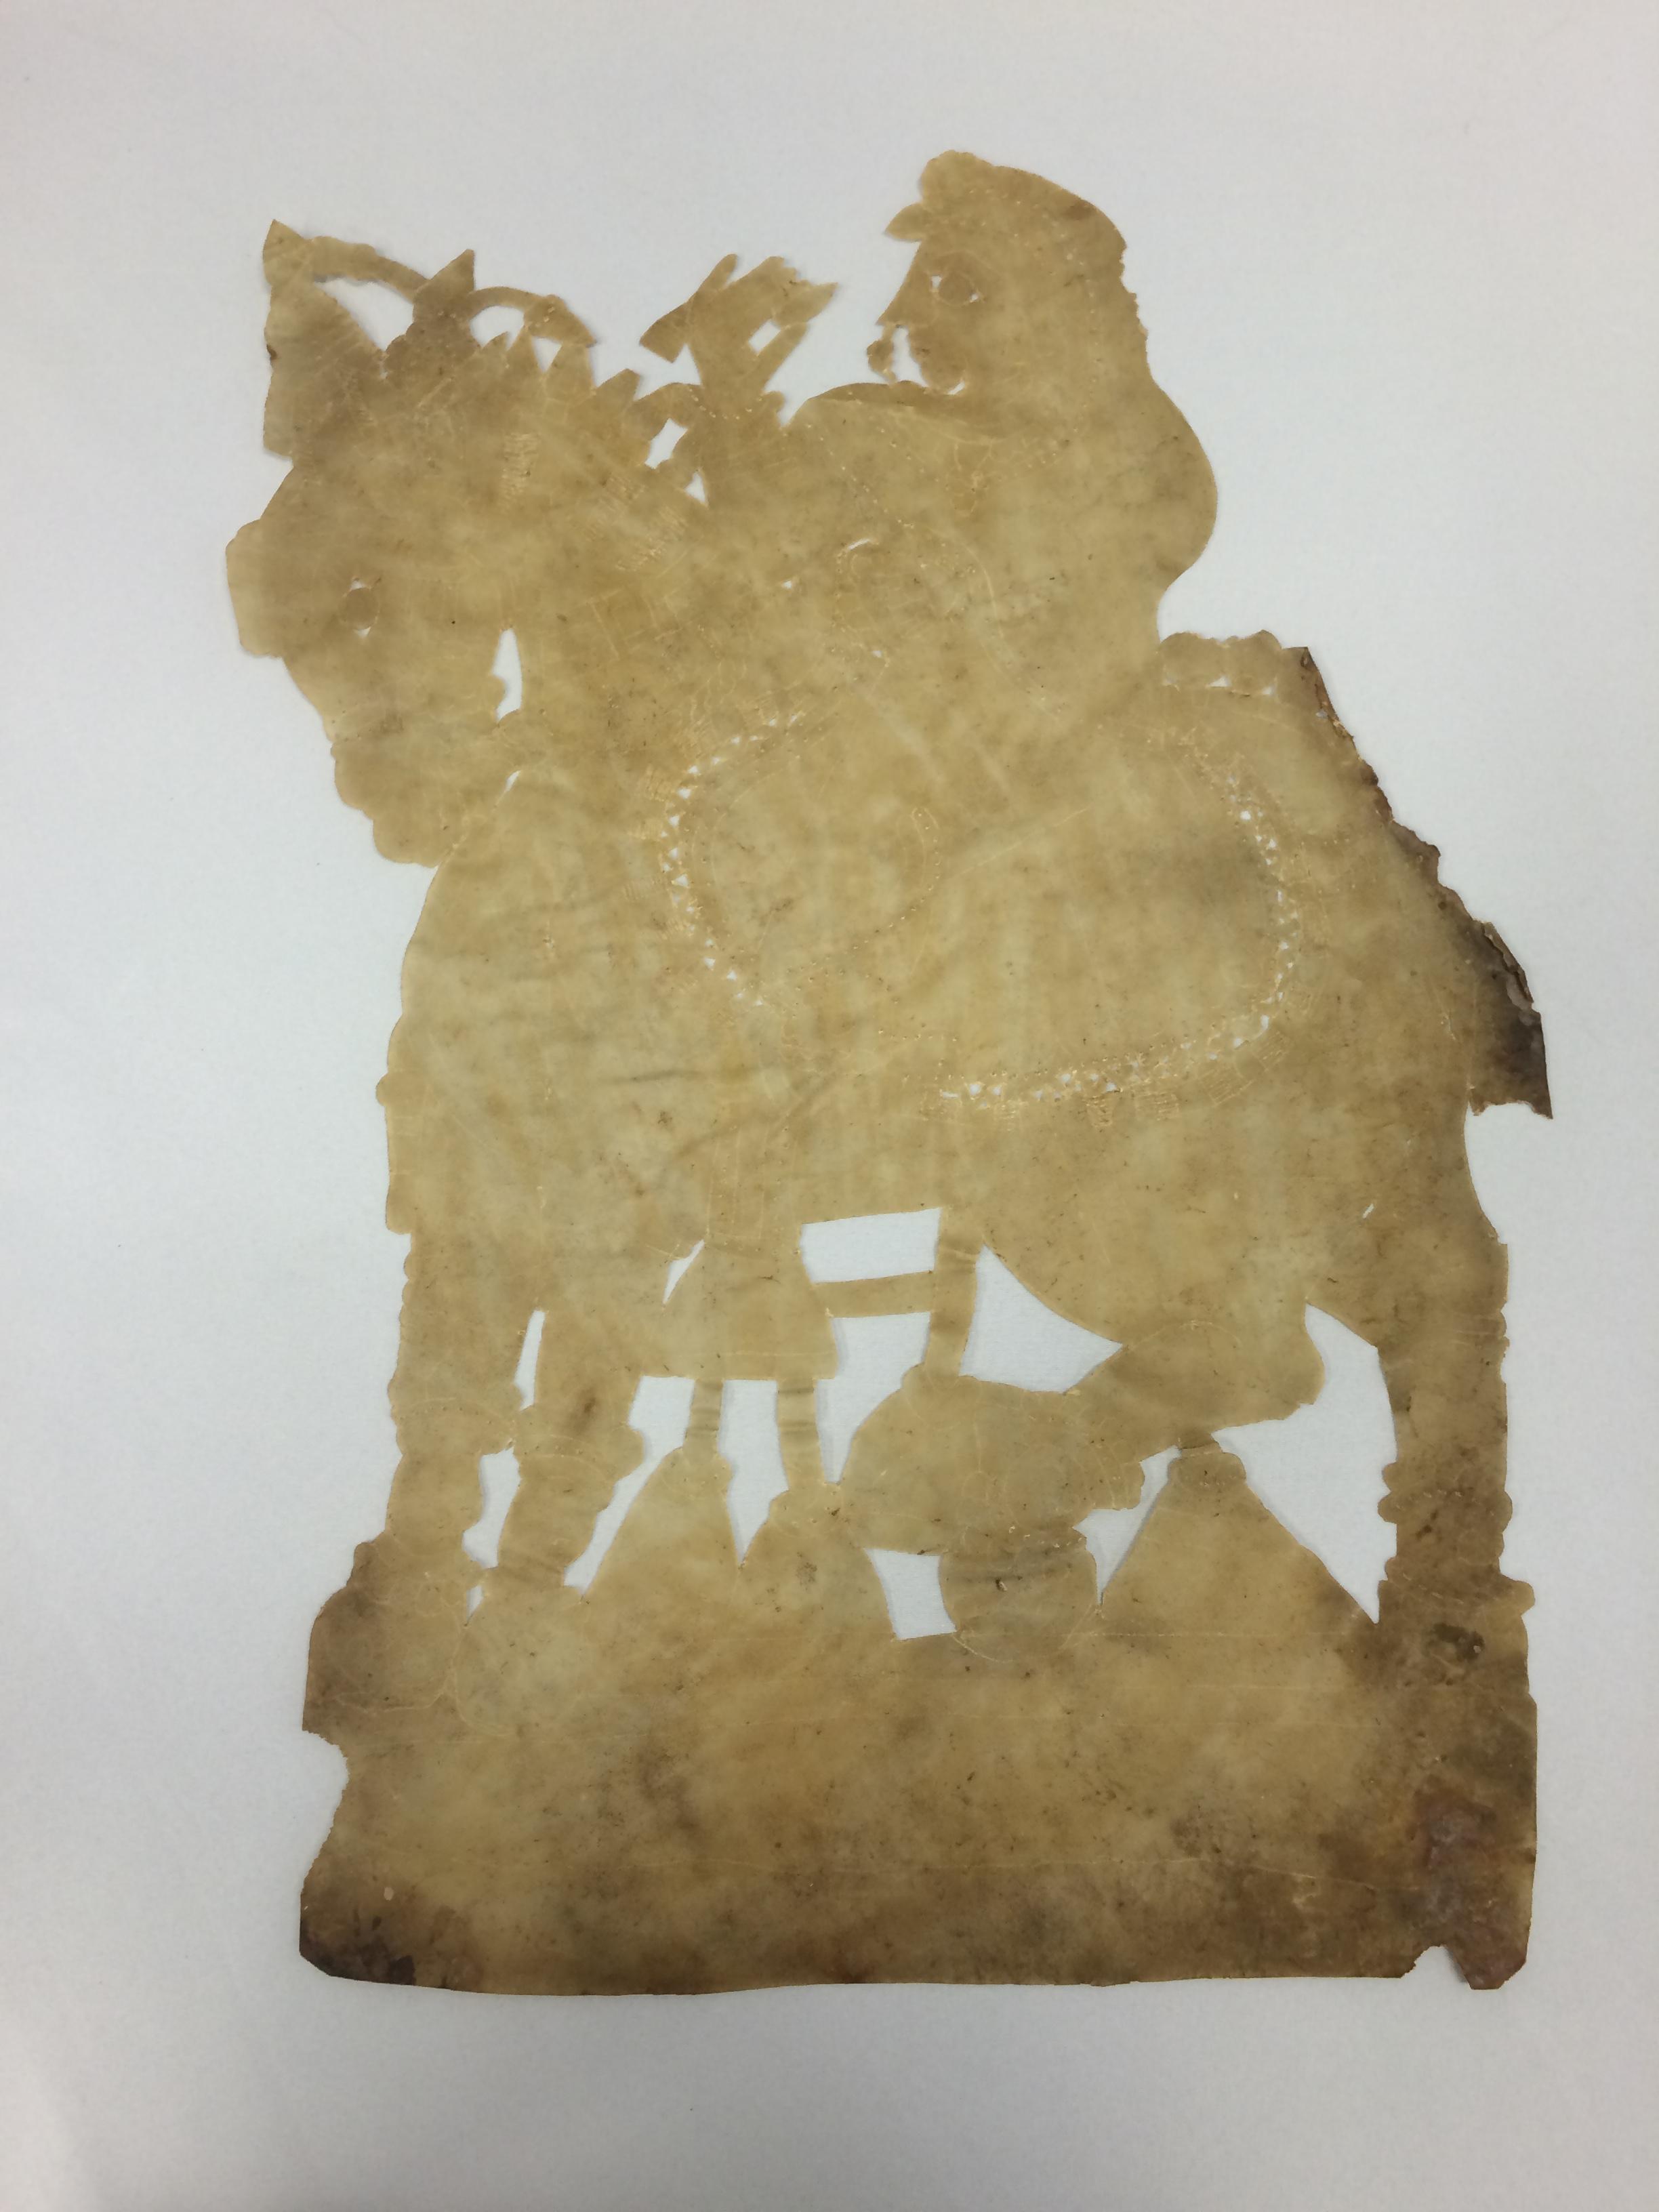 Sîtâ à cheval, une figure d'ombre d'<em>Or</em>issa (Odisha) en Inde, ravanachhaya, hauteur : 60 cm. Collection : Center for Puppetry Arts (Atlanta, Géorgie, États-Unis)